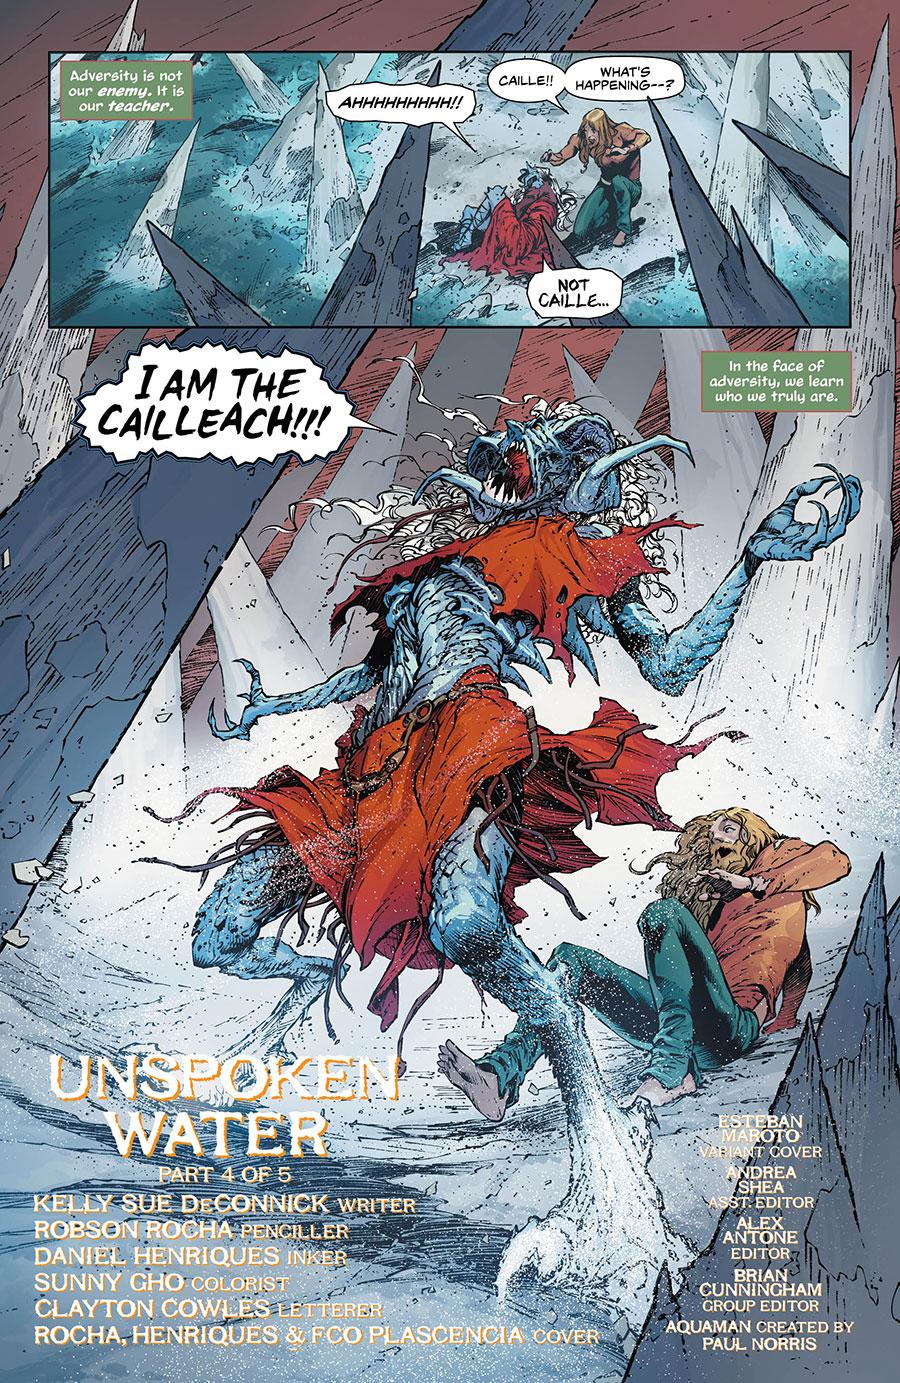 Aquaman_46_1 - DC Comics News